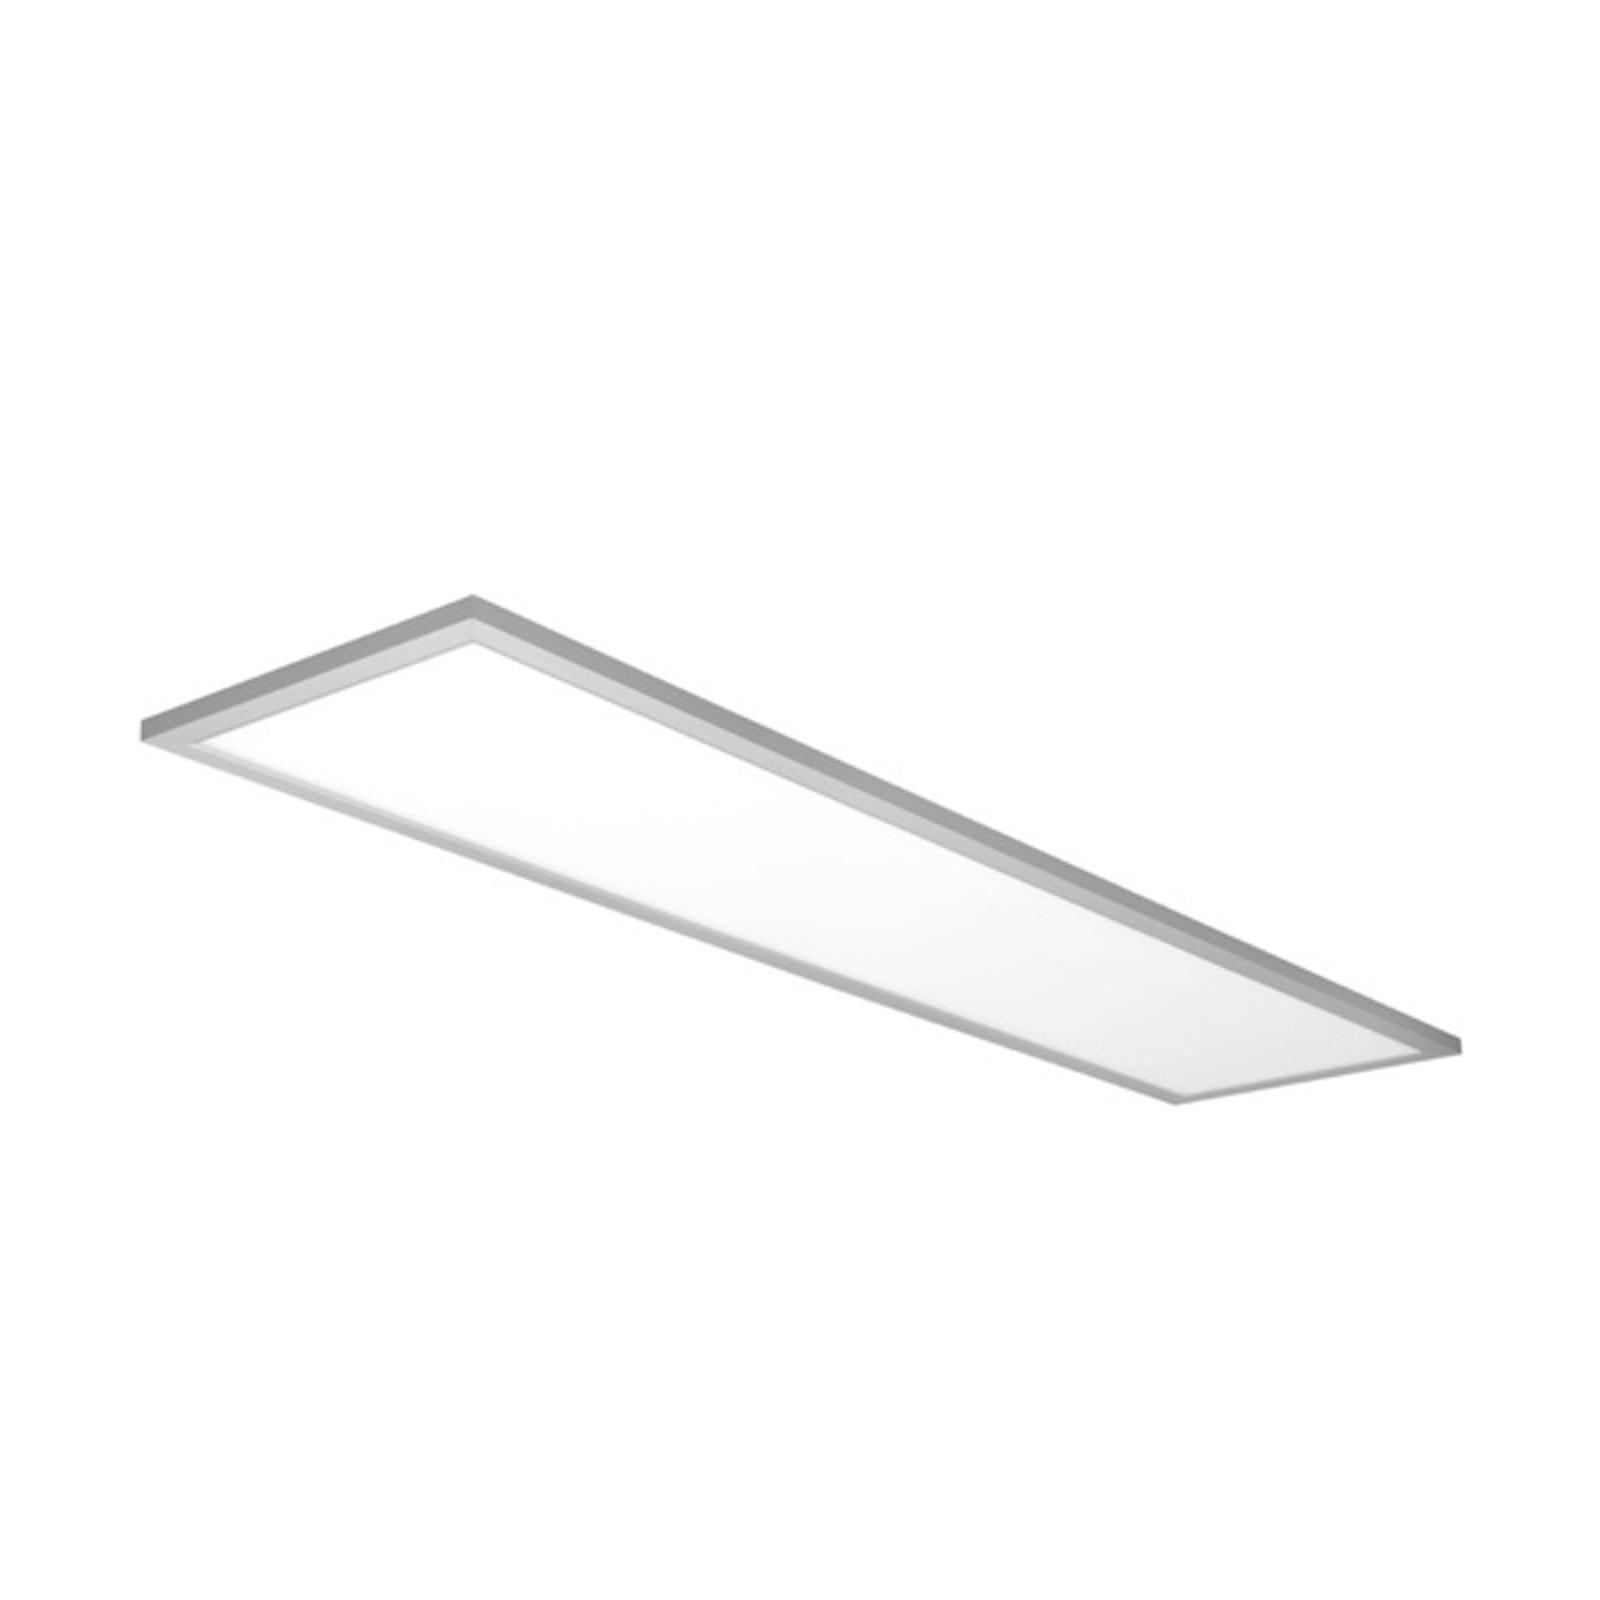 Pannello LED rettangolare All in One, 3.800 K